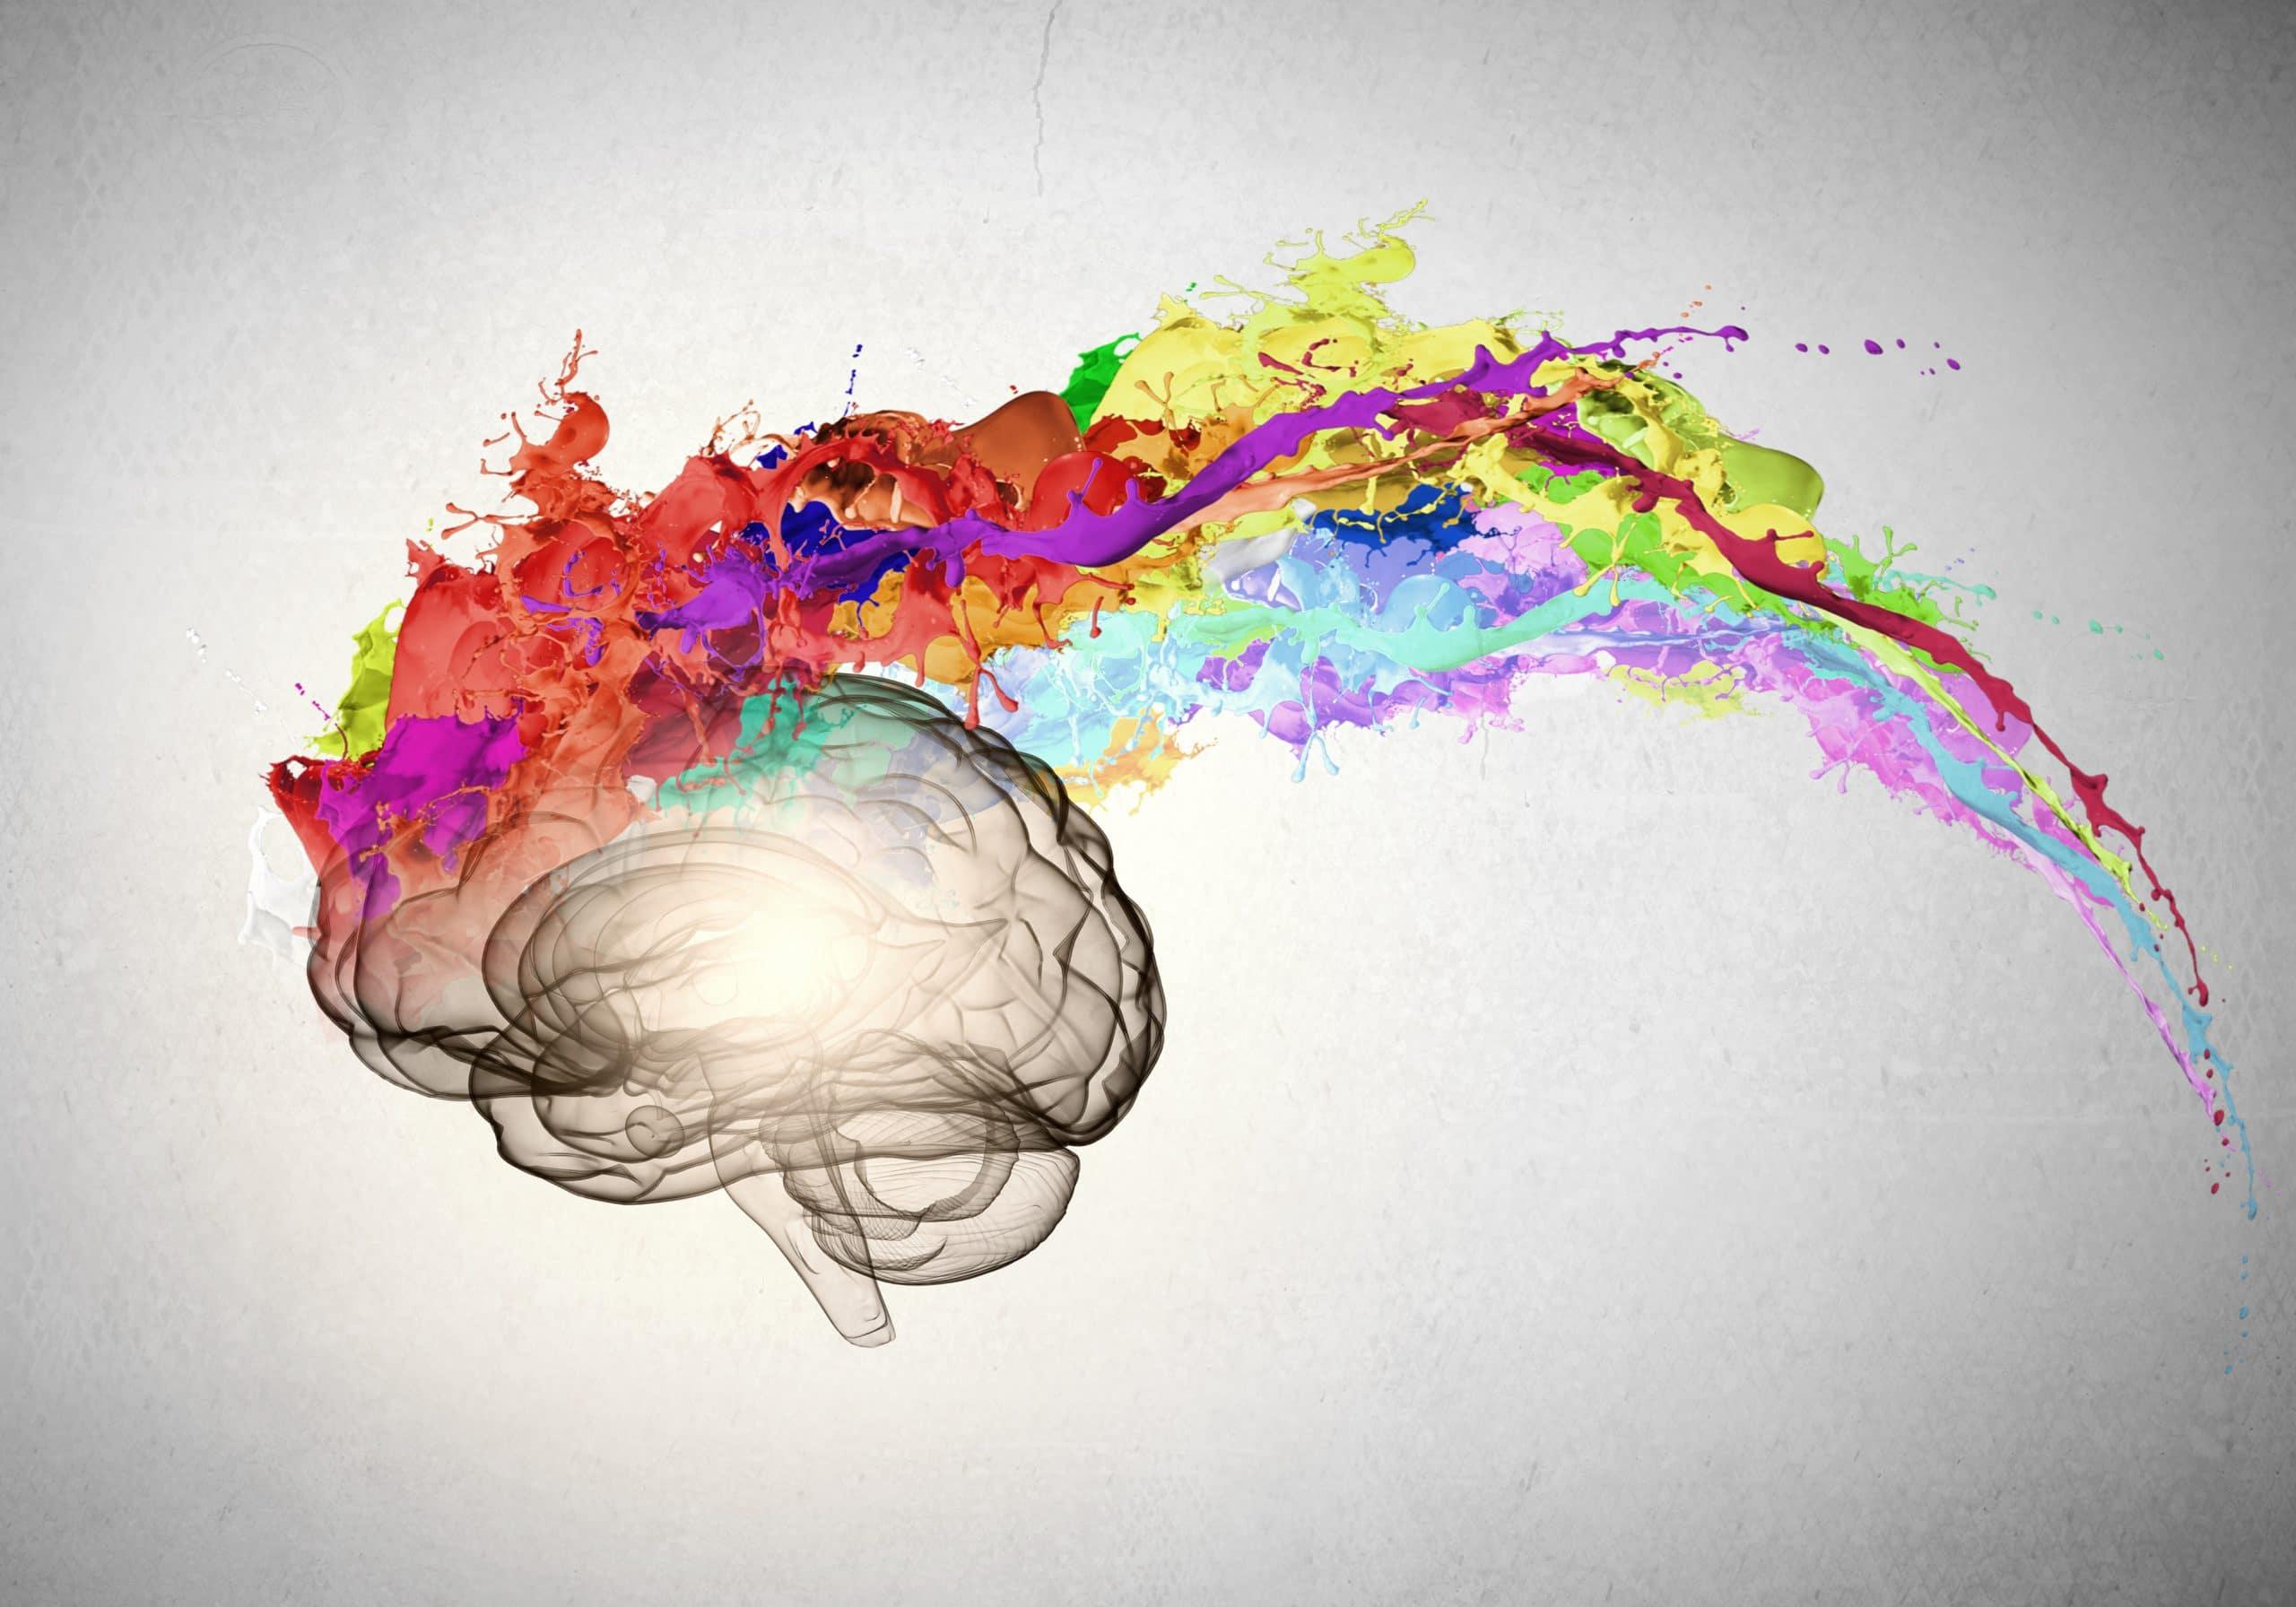 Desenho gráfico de um cérebro com muitas cores. Conceito de muitas ideias. Limpeza da mente.